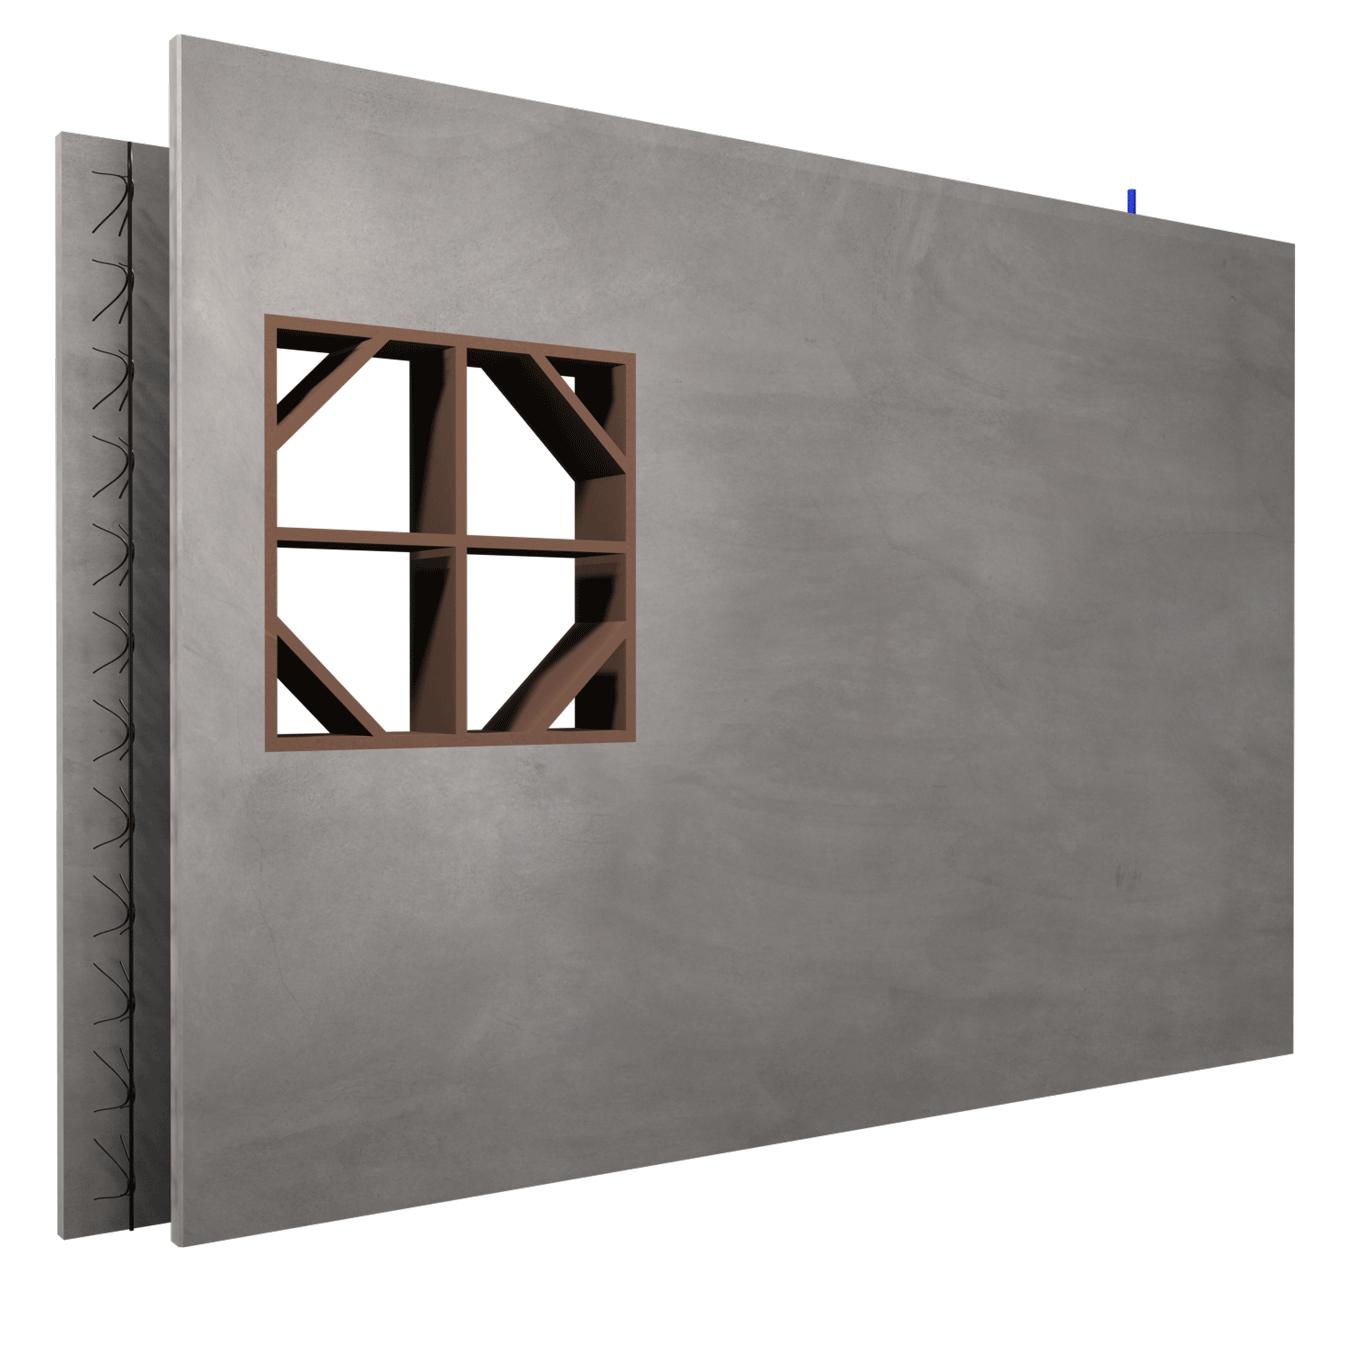 ARMACOFFRÉ® mit Fensterschalung und versetzter Schale, Ansicht der Außenschale